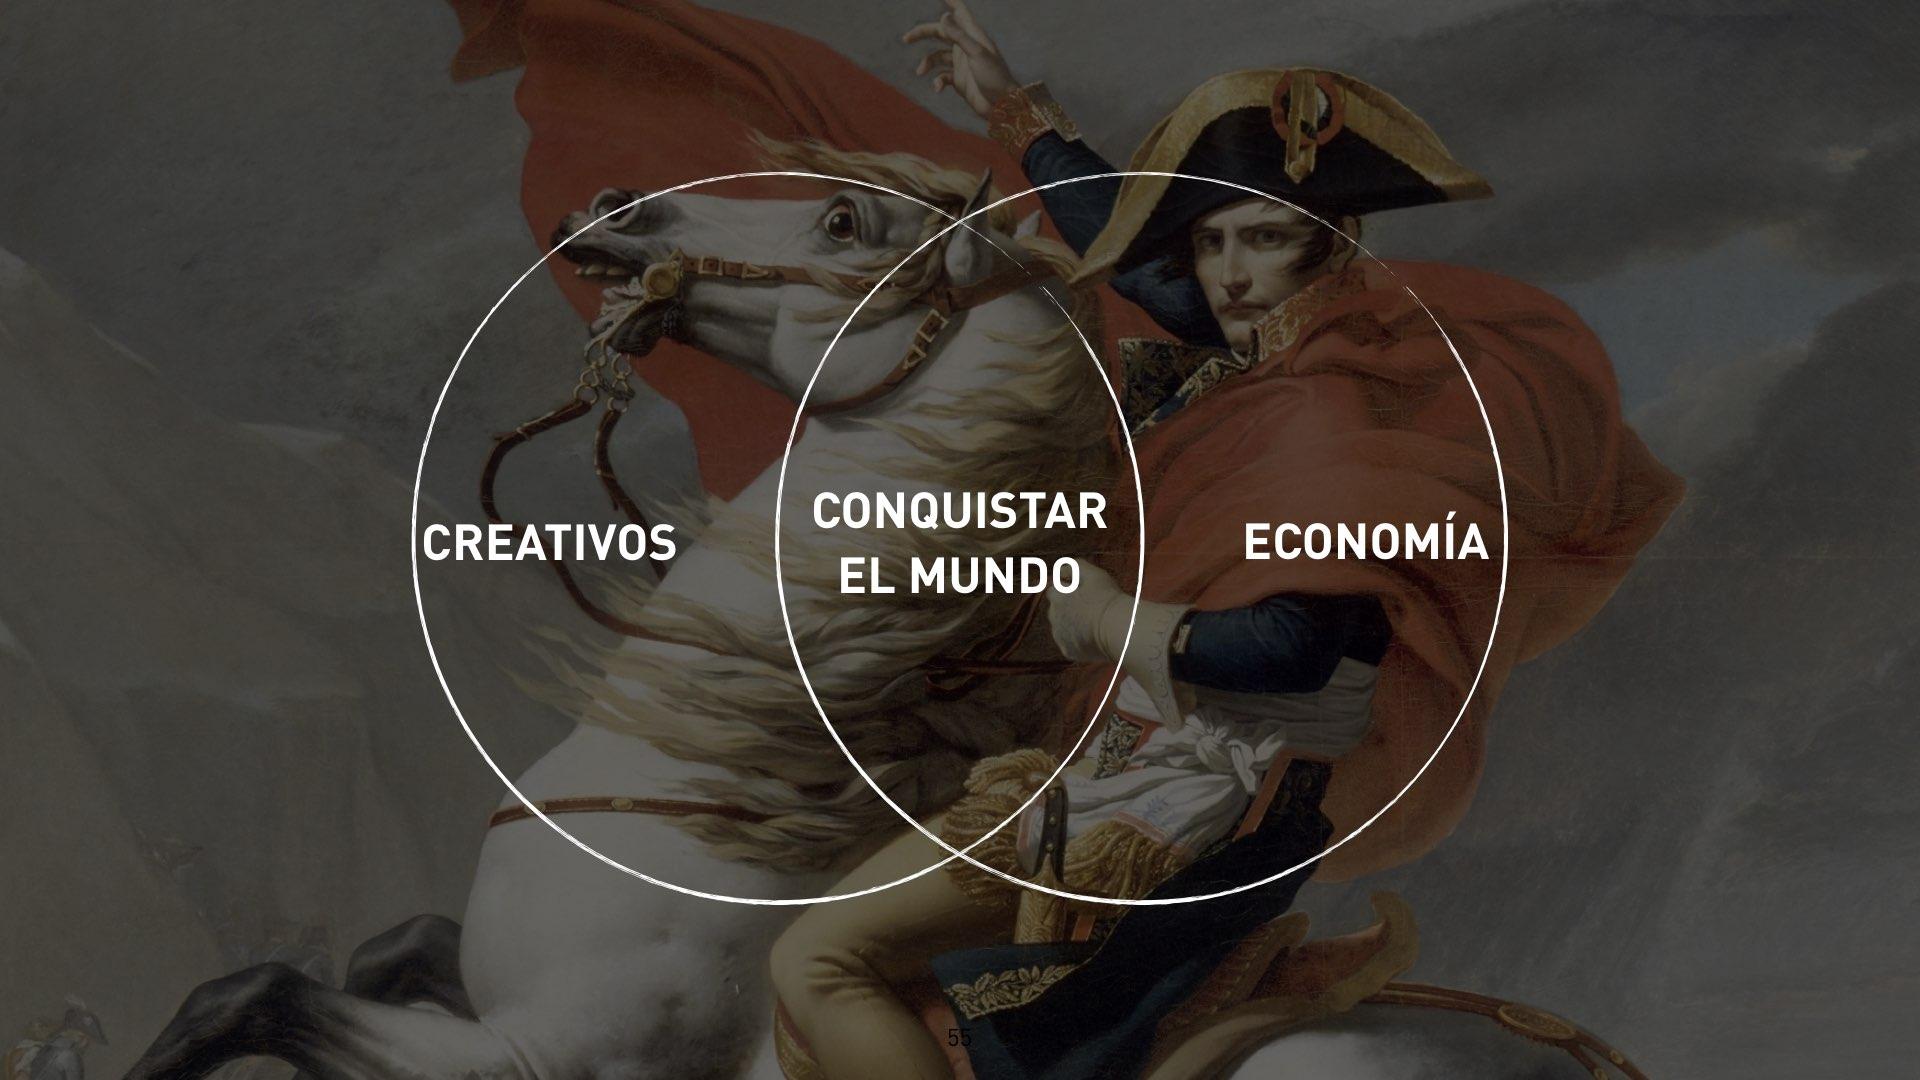 Conferencia Creativos Haciendo Industria.055.jpeg